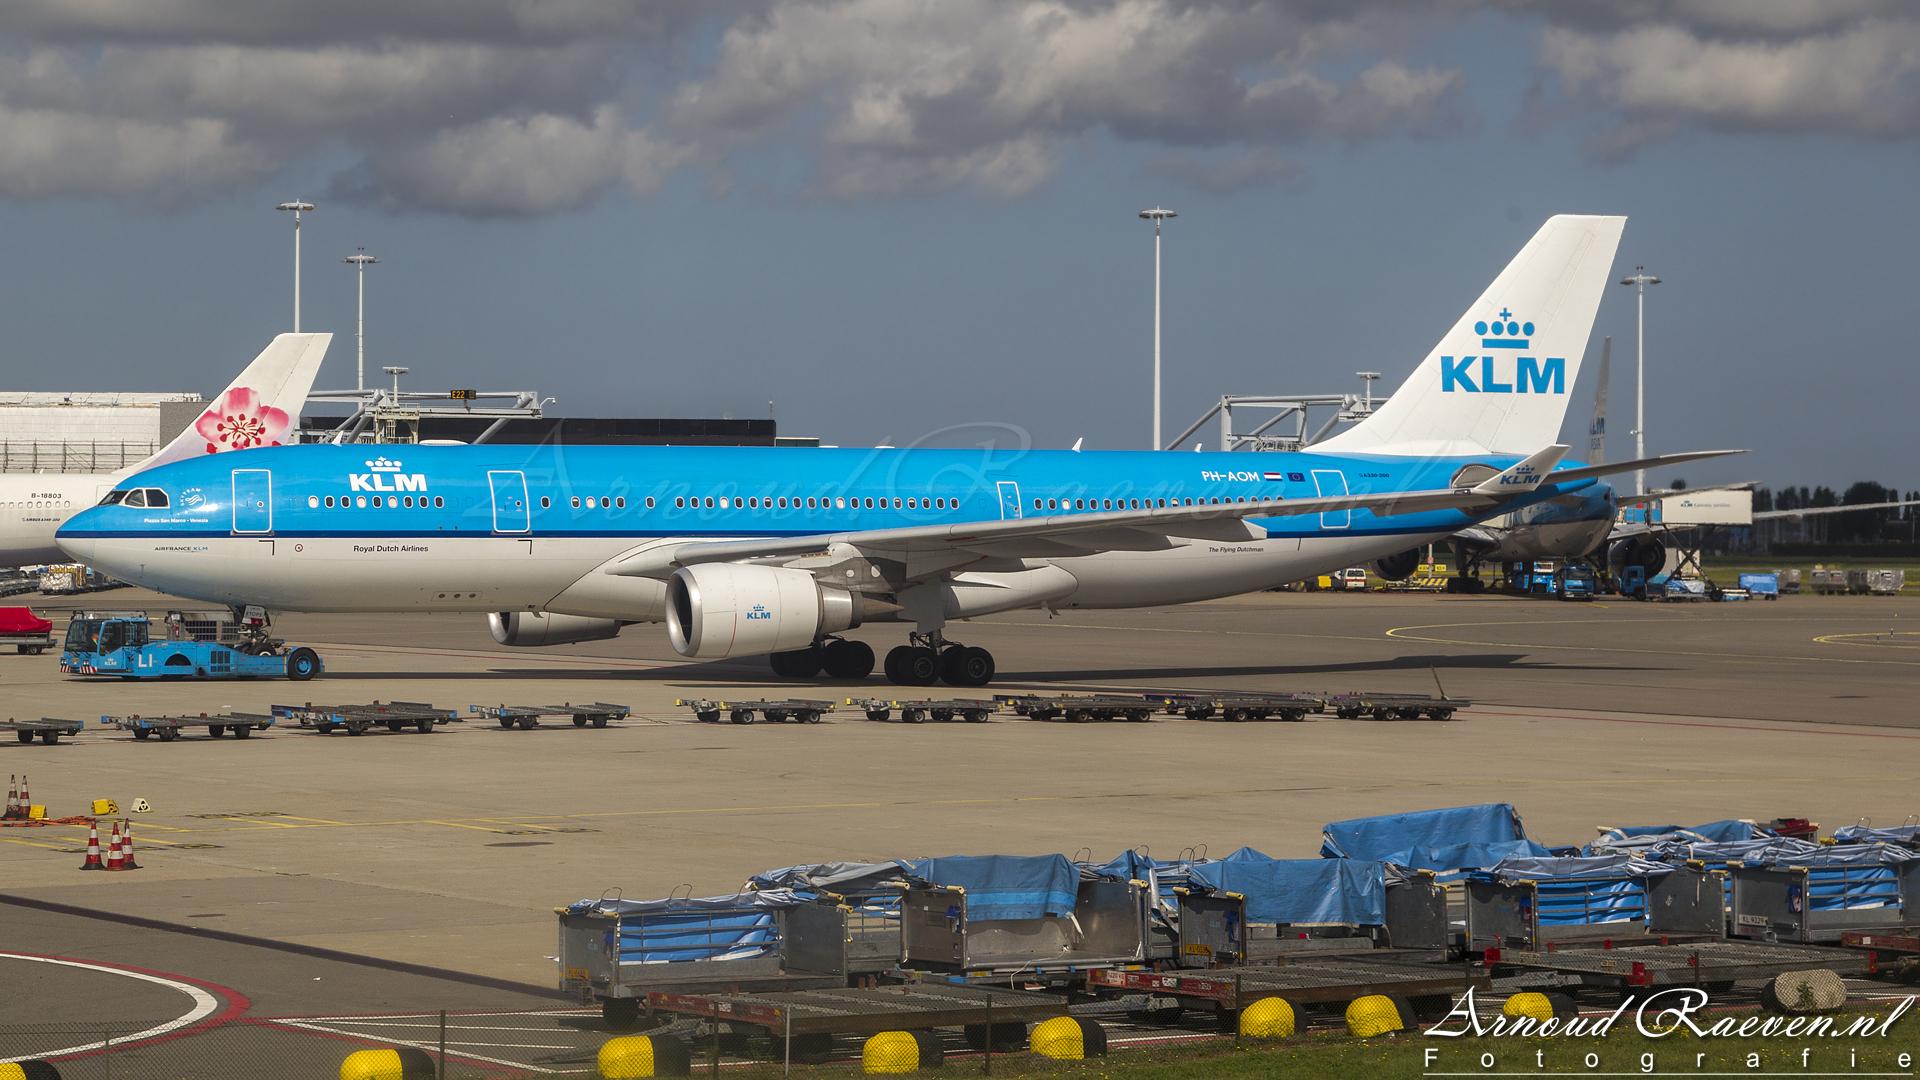 KLM Airbus A330-200 - PH-AOM